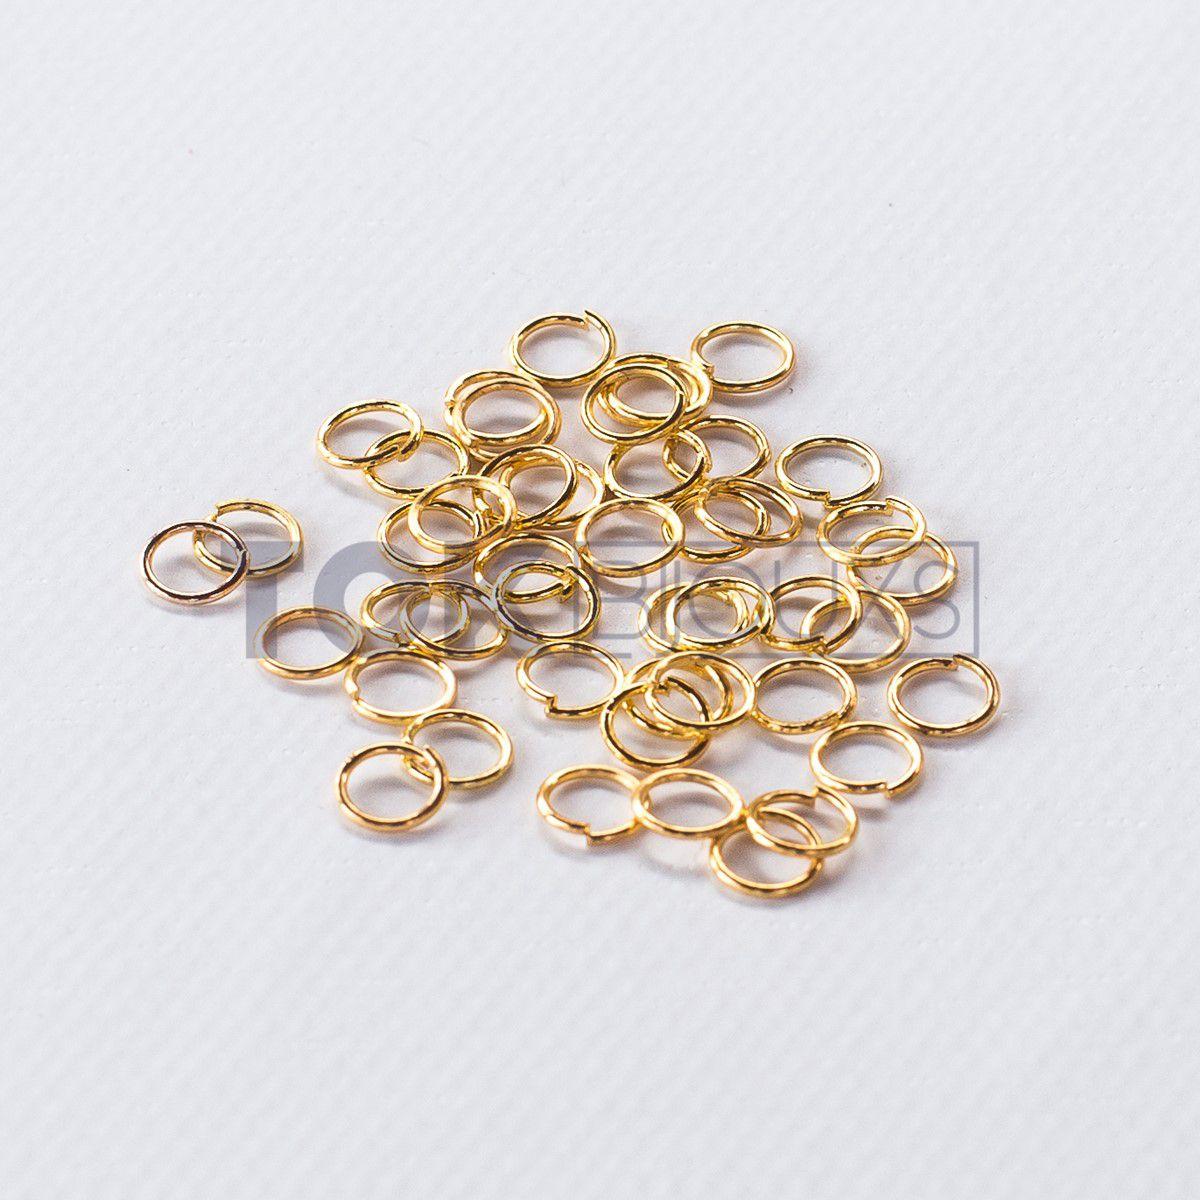 Argola De Ferro 5mm - Dourada - 25g